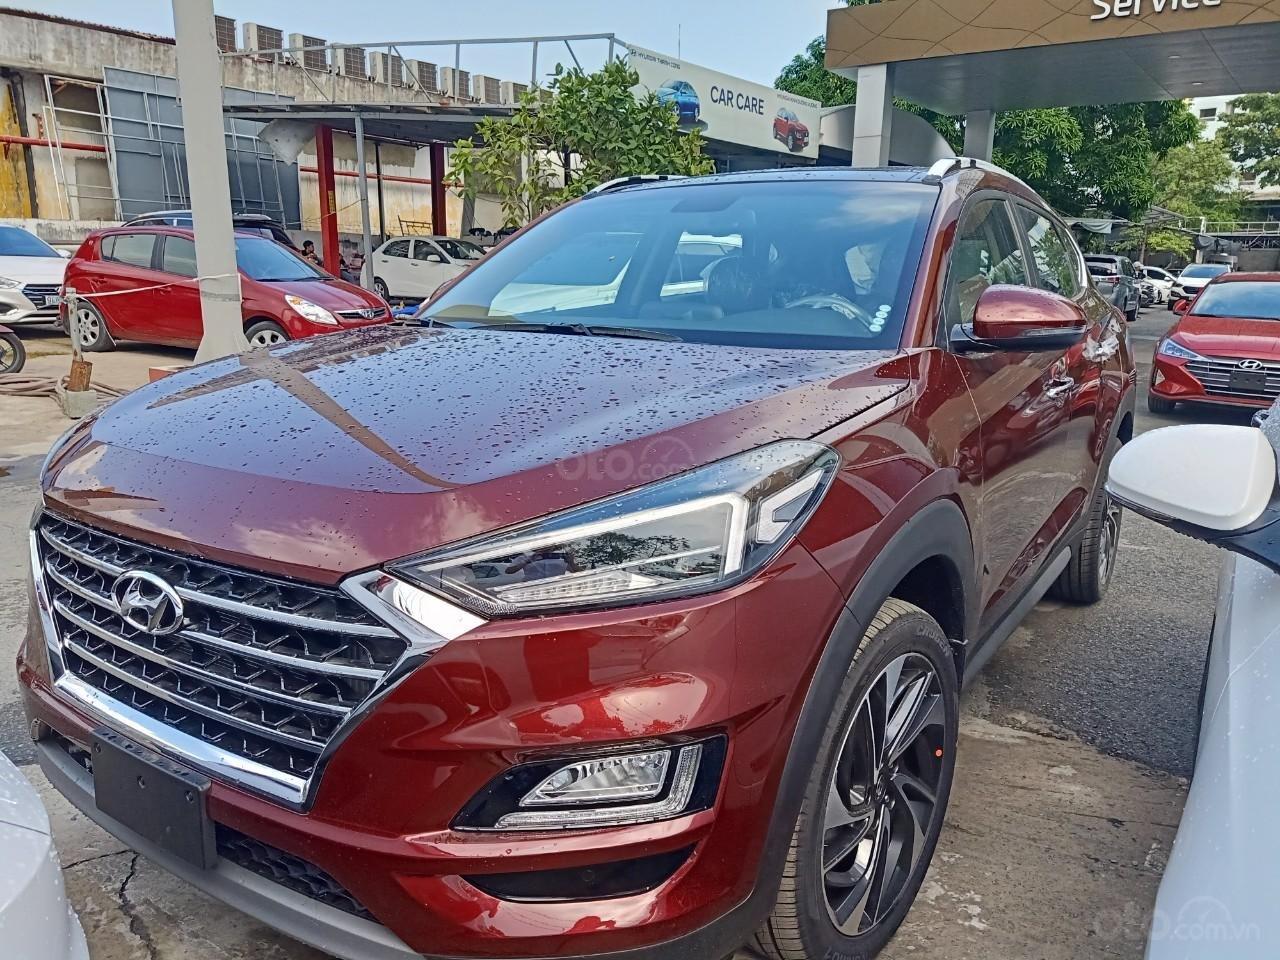 Tucson Turbo 2019 đỏ + Tặng combo Hyundai trị giá 40 triệu đồng + Hỗ trợ trả trước chỉ 10% giá trị xe-6